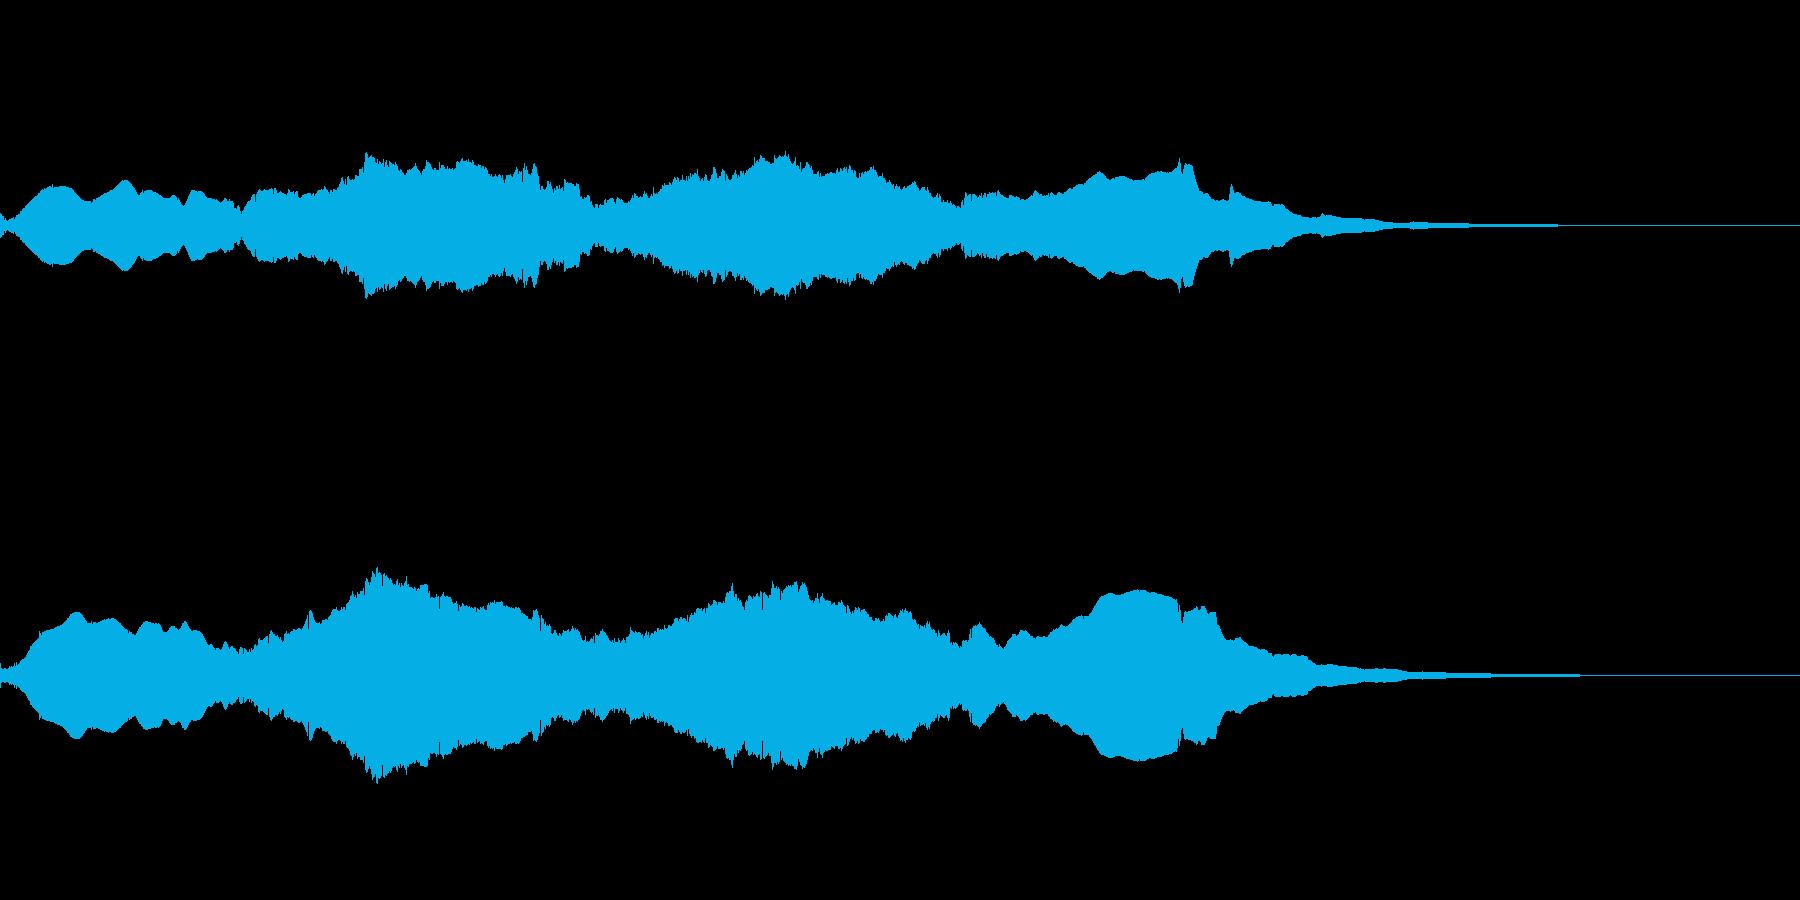 映画が始まる前のロゴ風の音の再生済みの波形